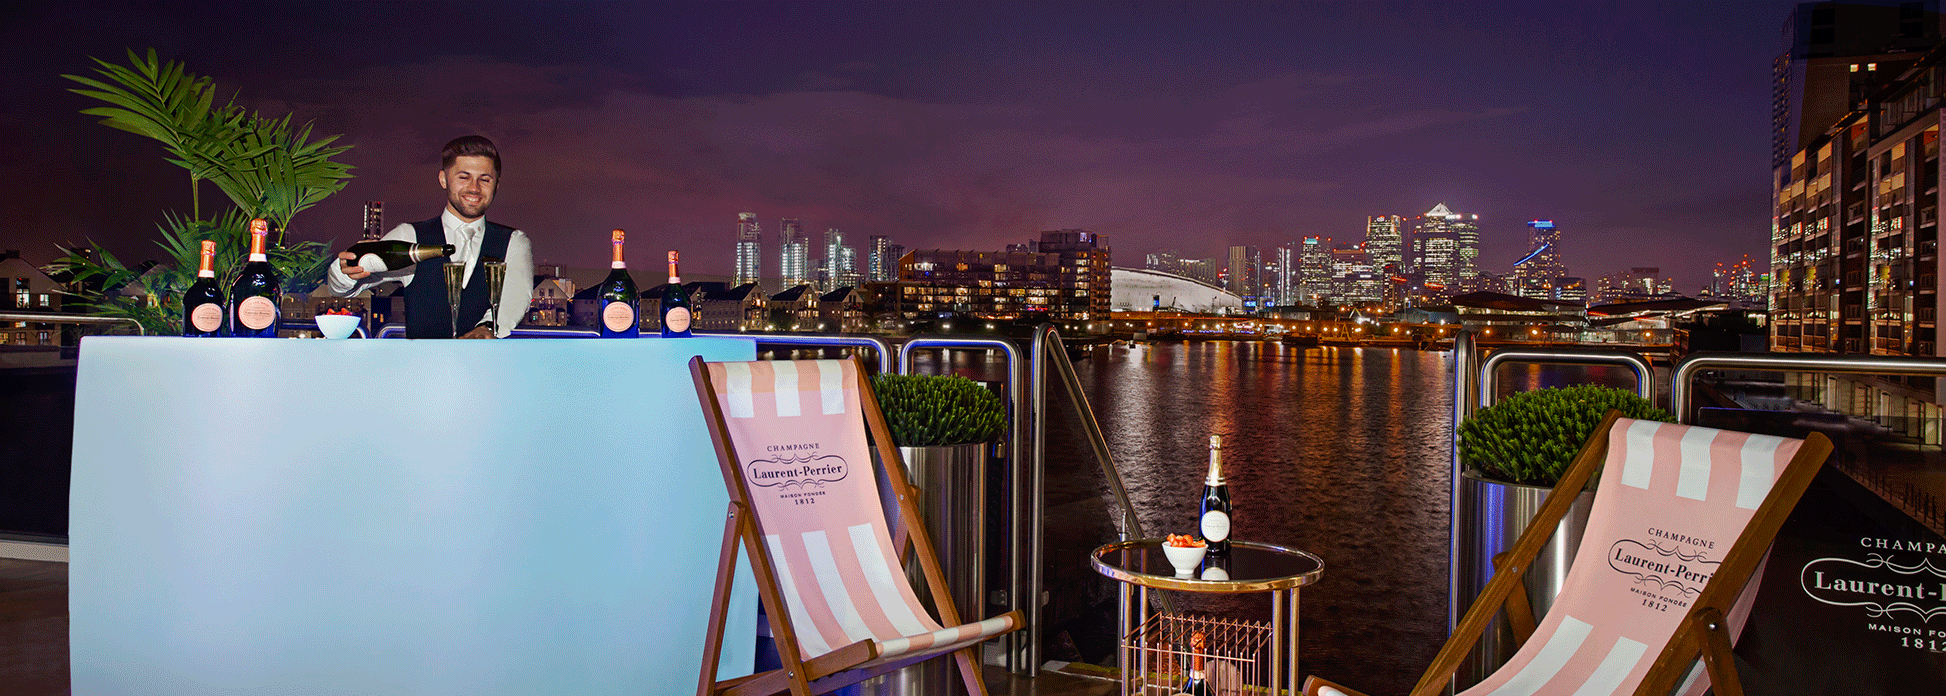 Champagne & Cigar Bar London